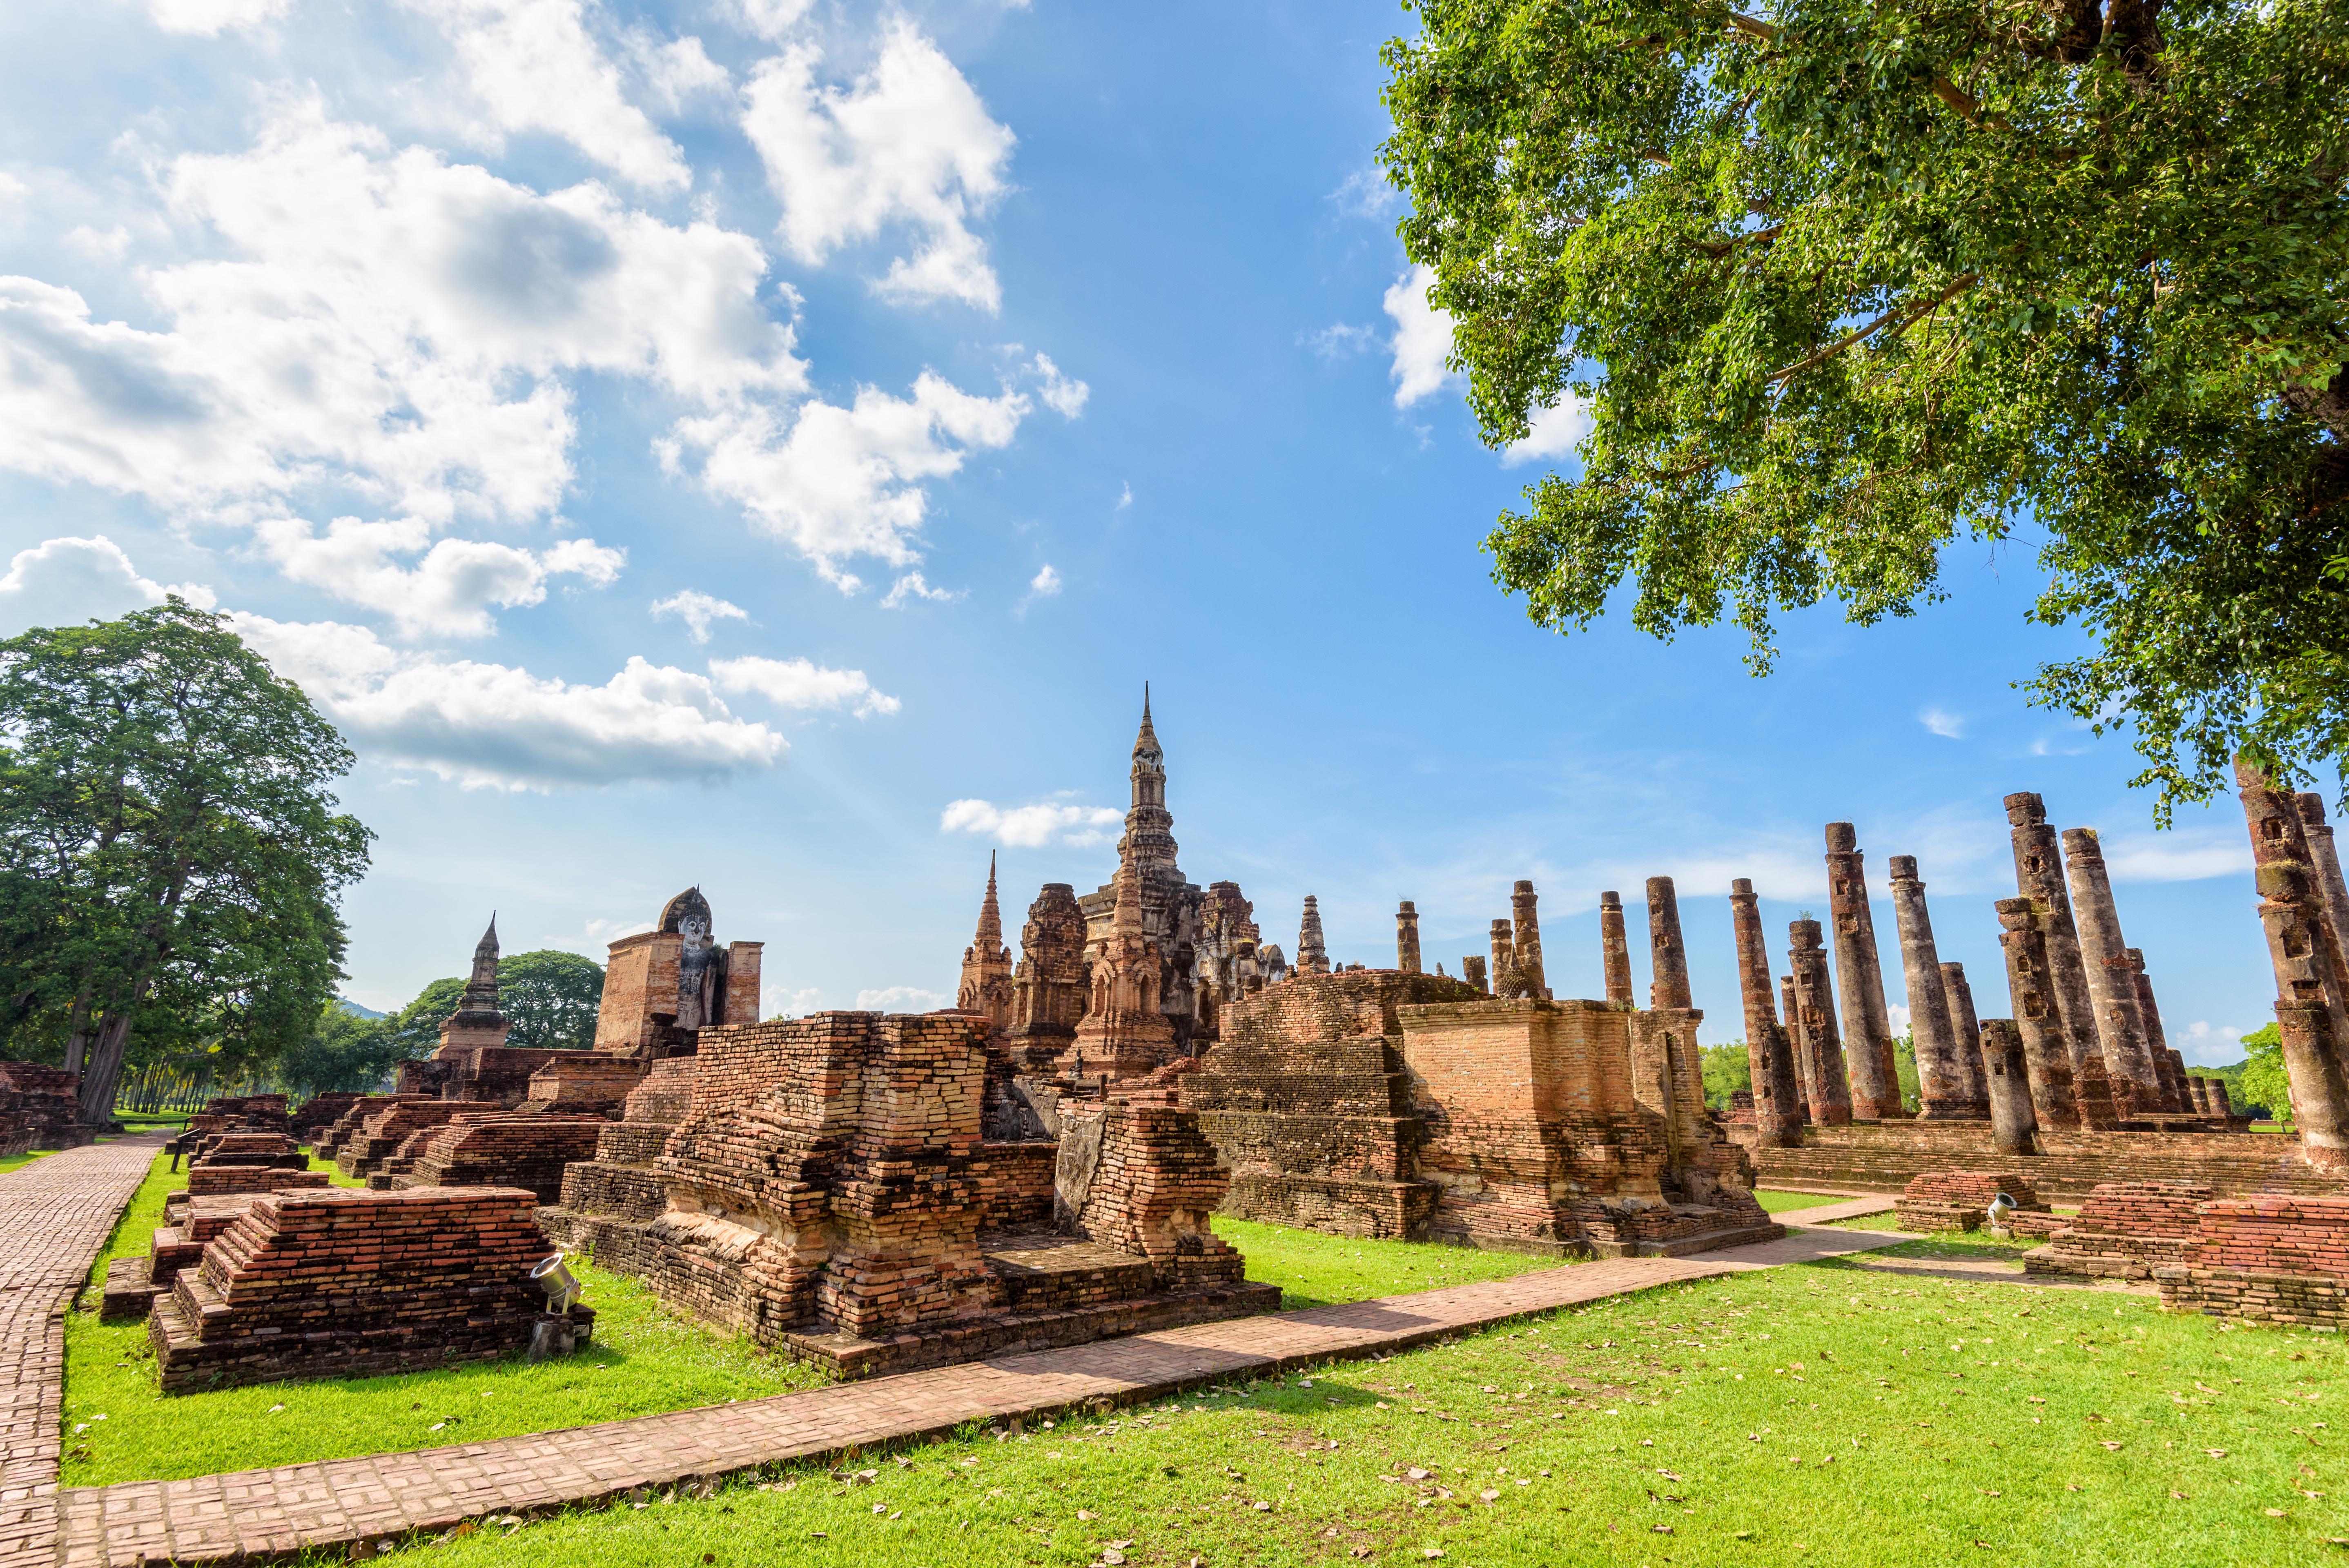 Descubre el parque histórico de Sukhotai - Tailandia Gran Viaje Alrededor de Tailandia